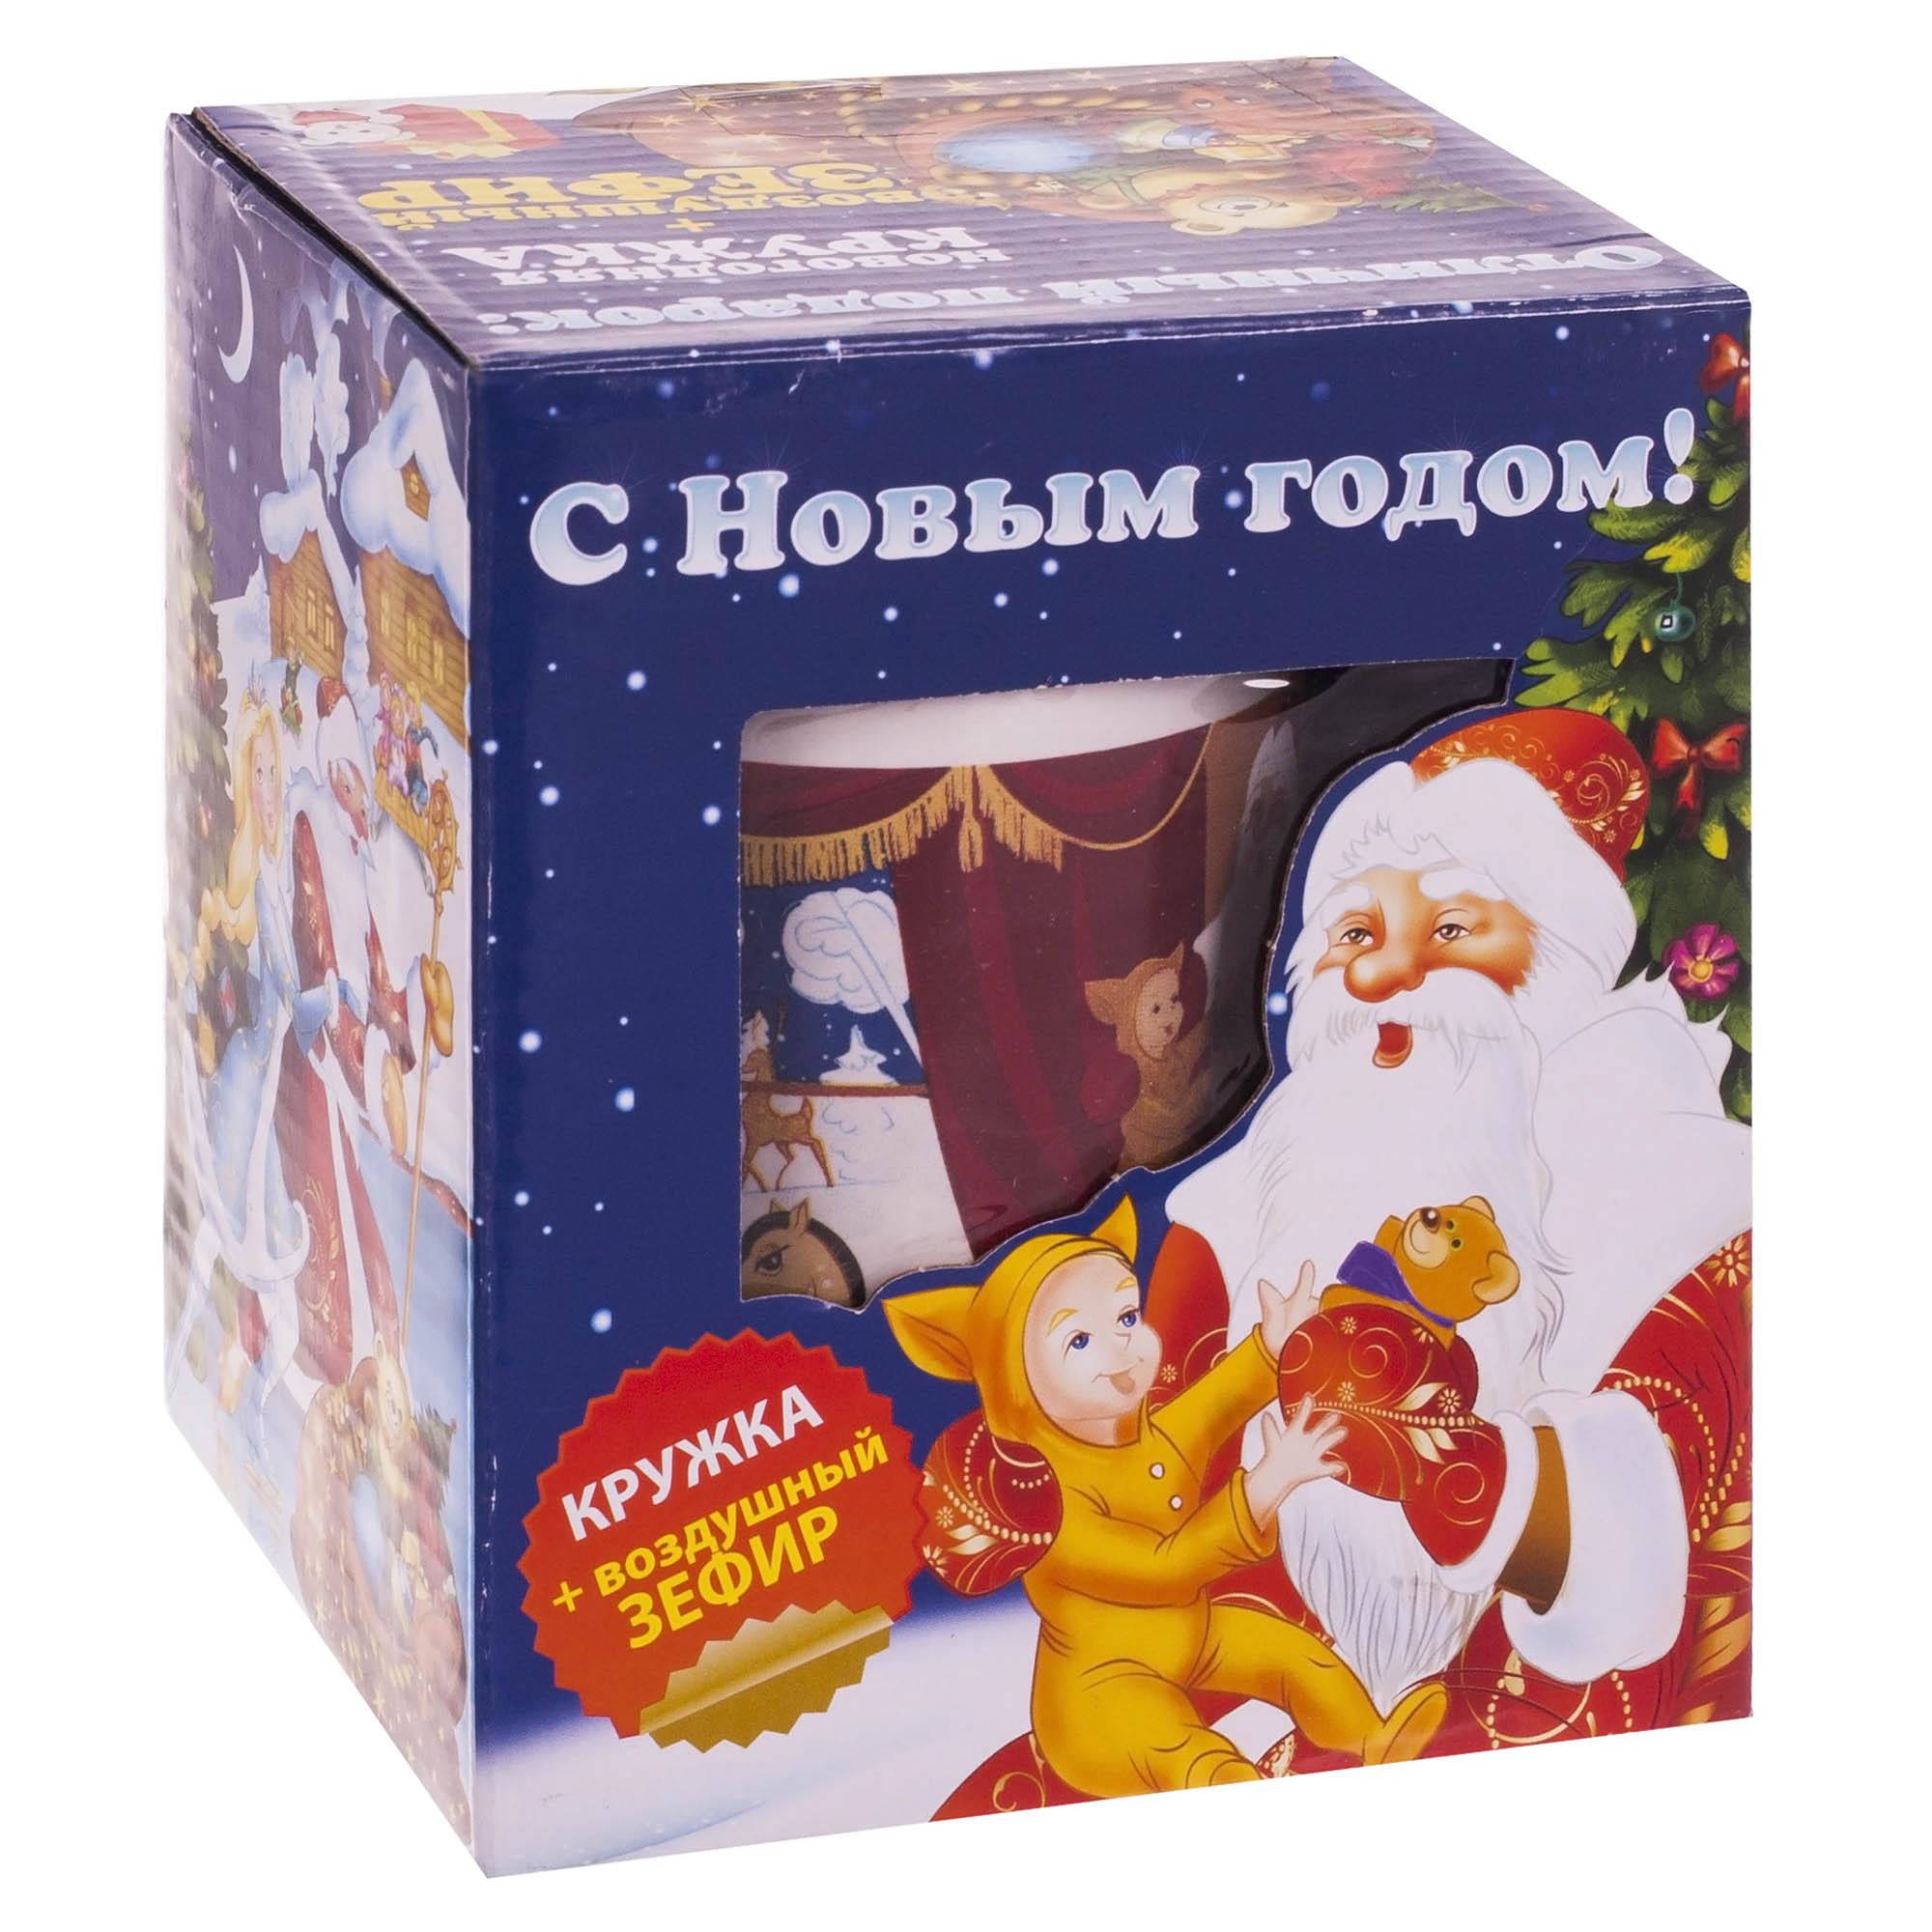 Новогодний подарок кружка с зефиром 35гр Mak-Ivanovo (МК-47-8)